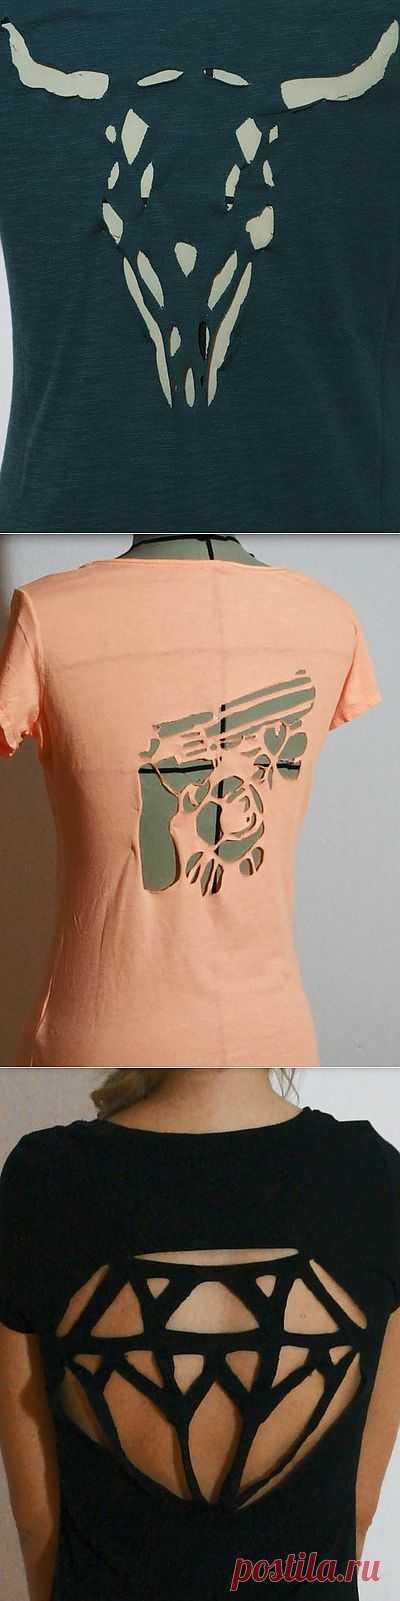 Шаблоны для прорезей на одежде (DIY) / Прорези / Модный сайт о стильной переделке одежды и интерьера